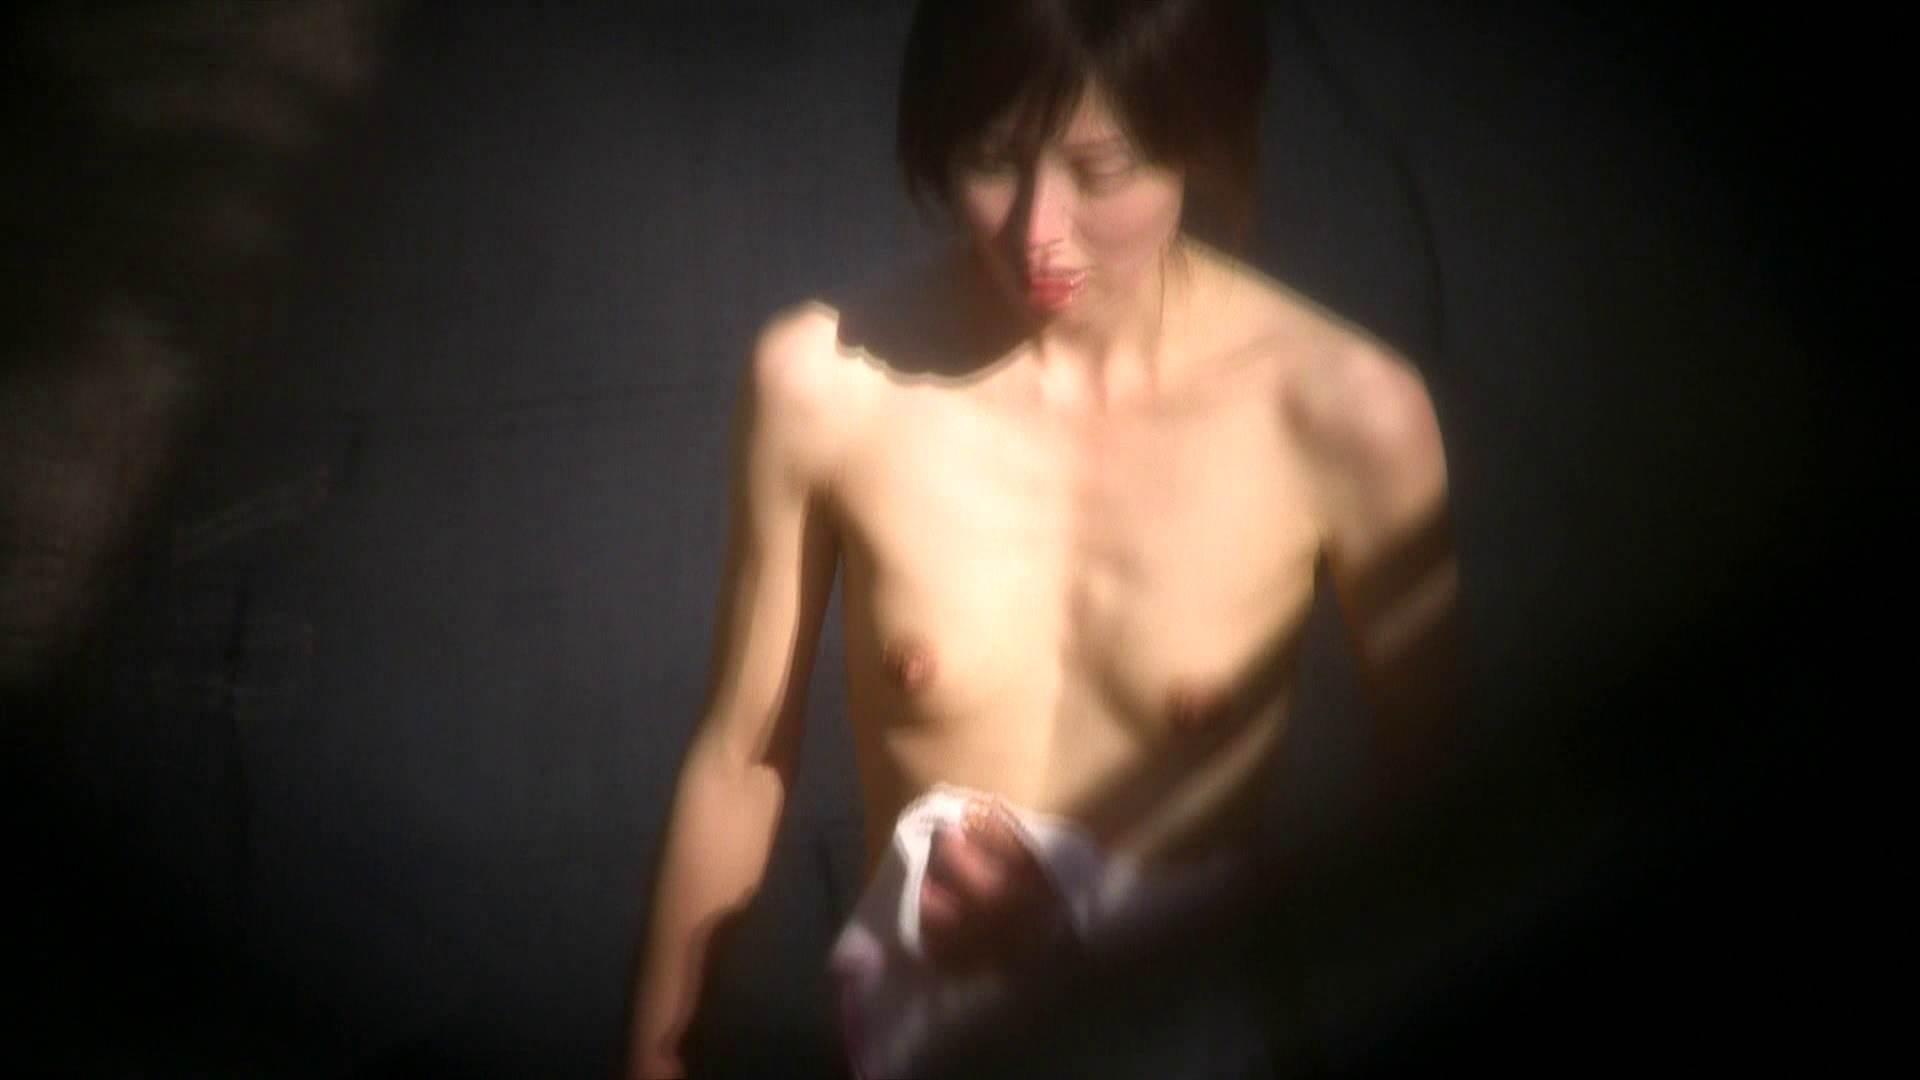 女露天風呂劇場 Vol.01 女湯 AV無料動画キャプチャ 61画像 58